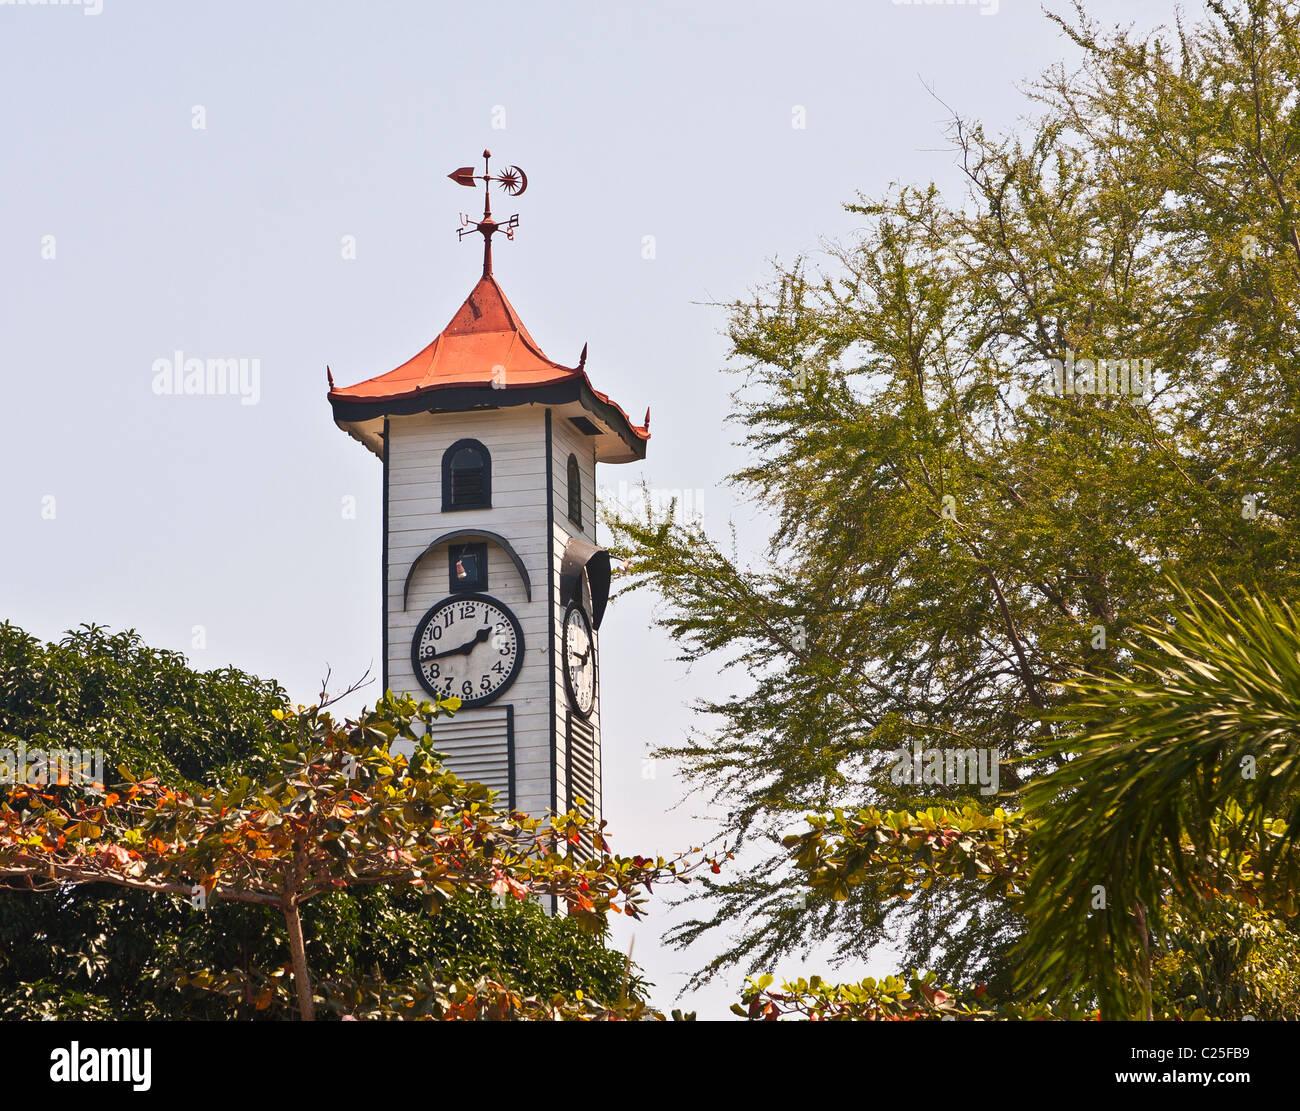 Atk9inson Clock Tower in Kota Kinabalu, Sabah, Borneo, Malaysia - Stock Image